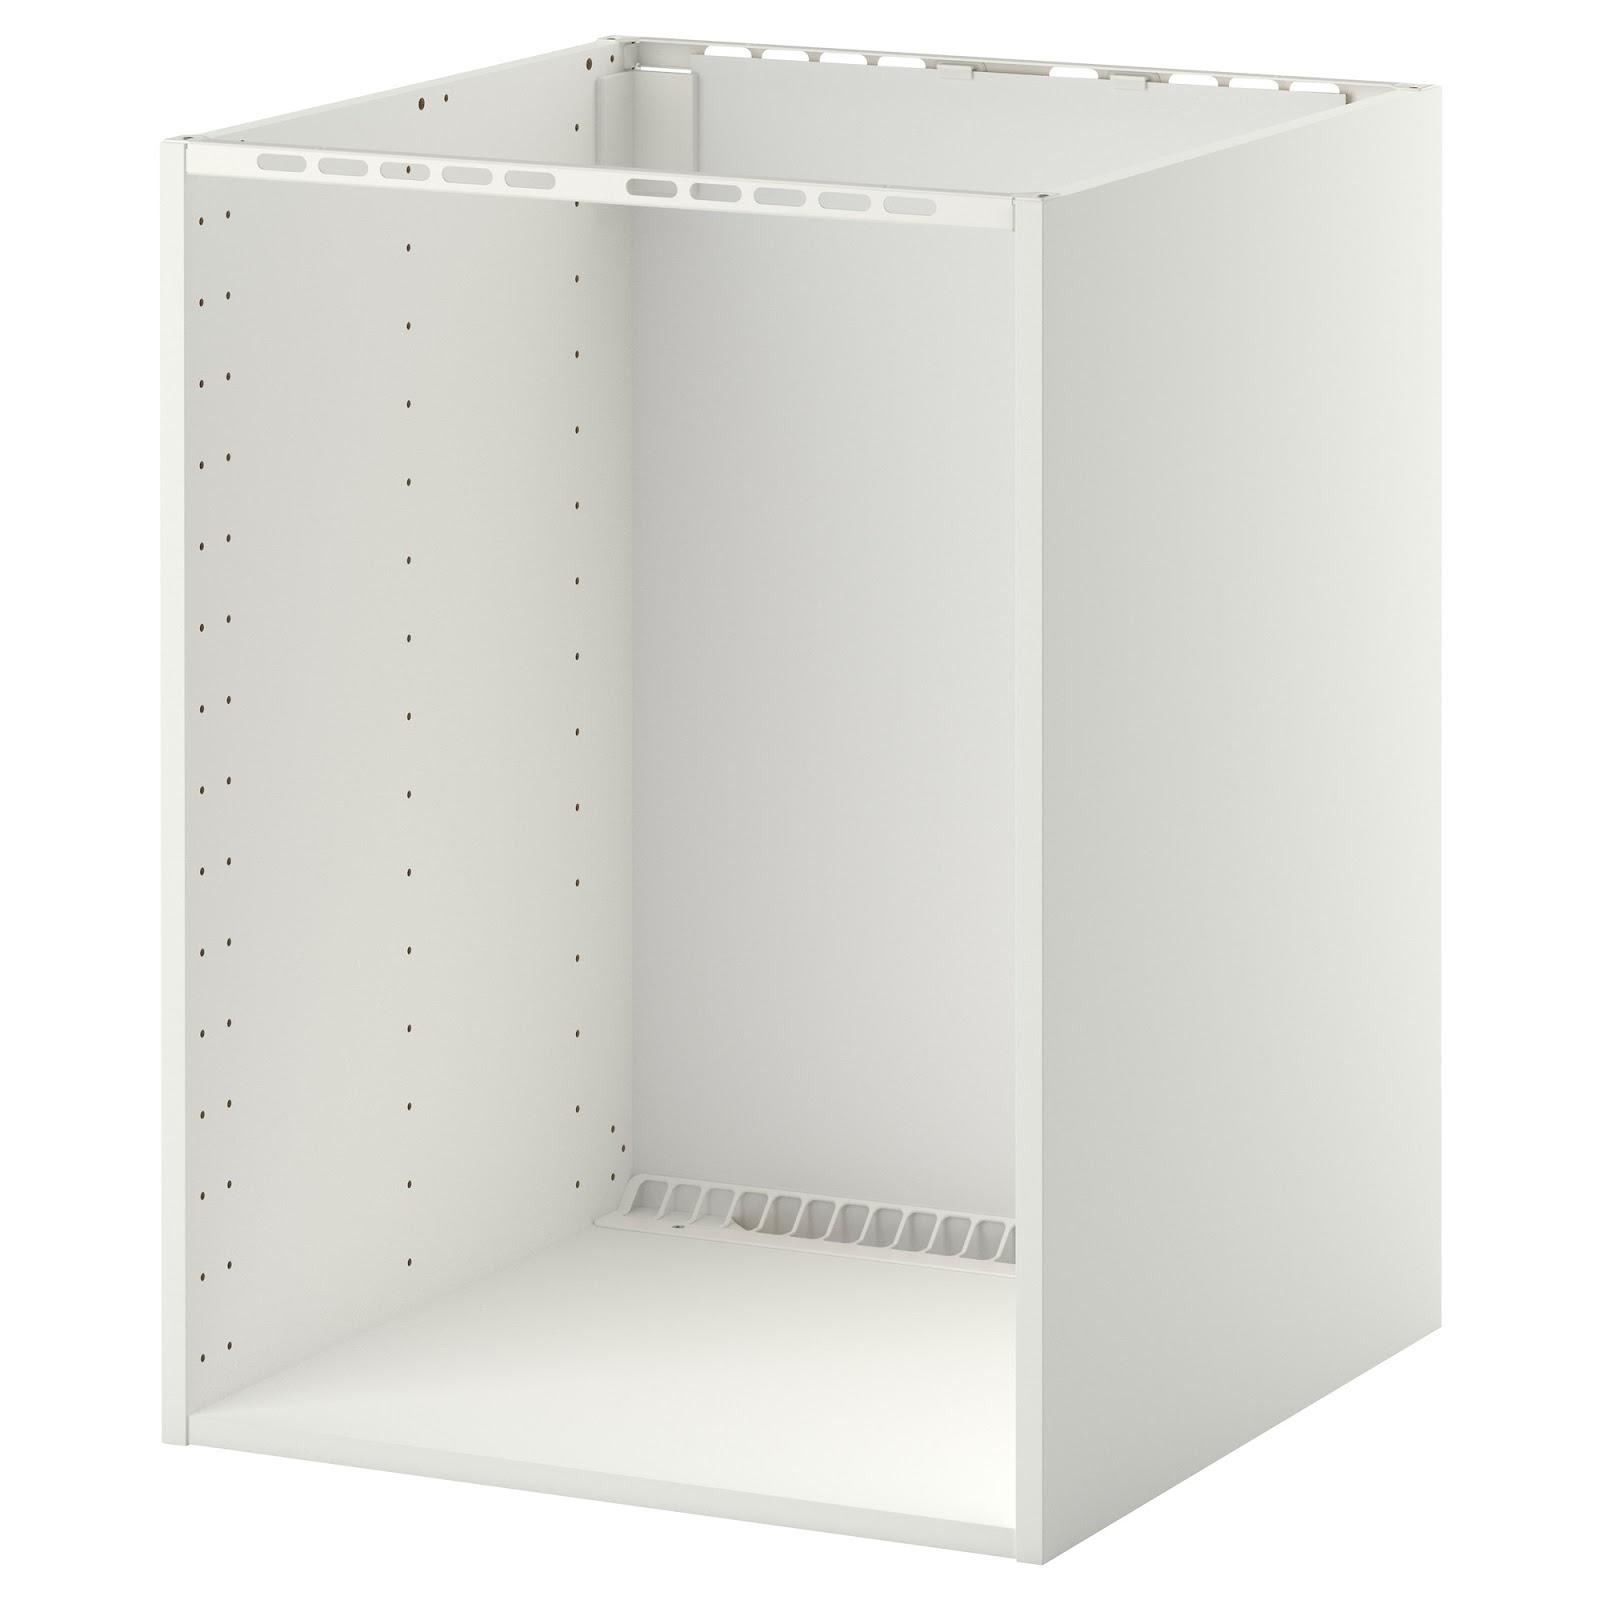 Módulo Metod Para Horno Y Placa Cocina Metod De Ikea